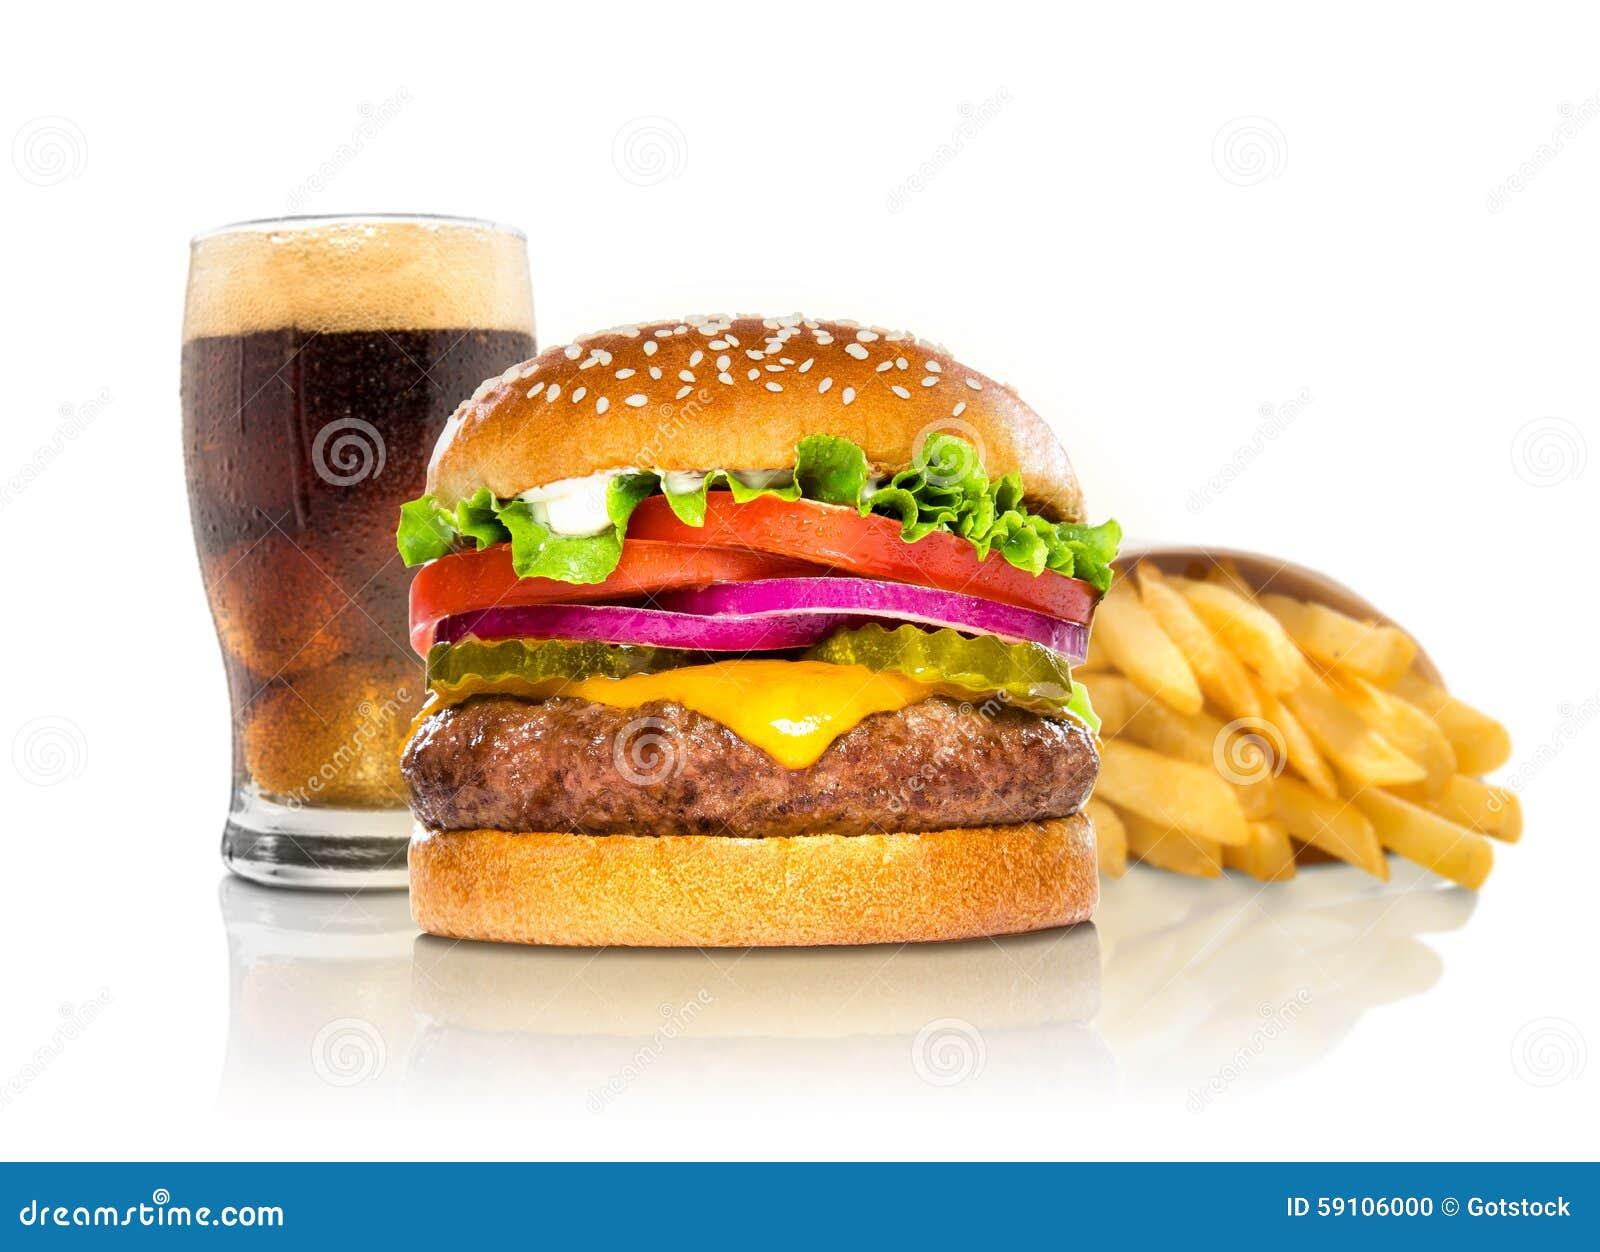 汉堡包油炸物和焦炭苏打水乳酪汉堡组合豪华快餐在白色